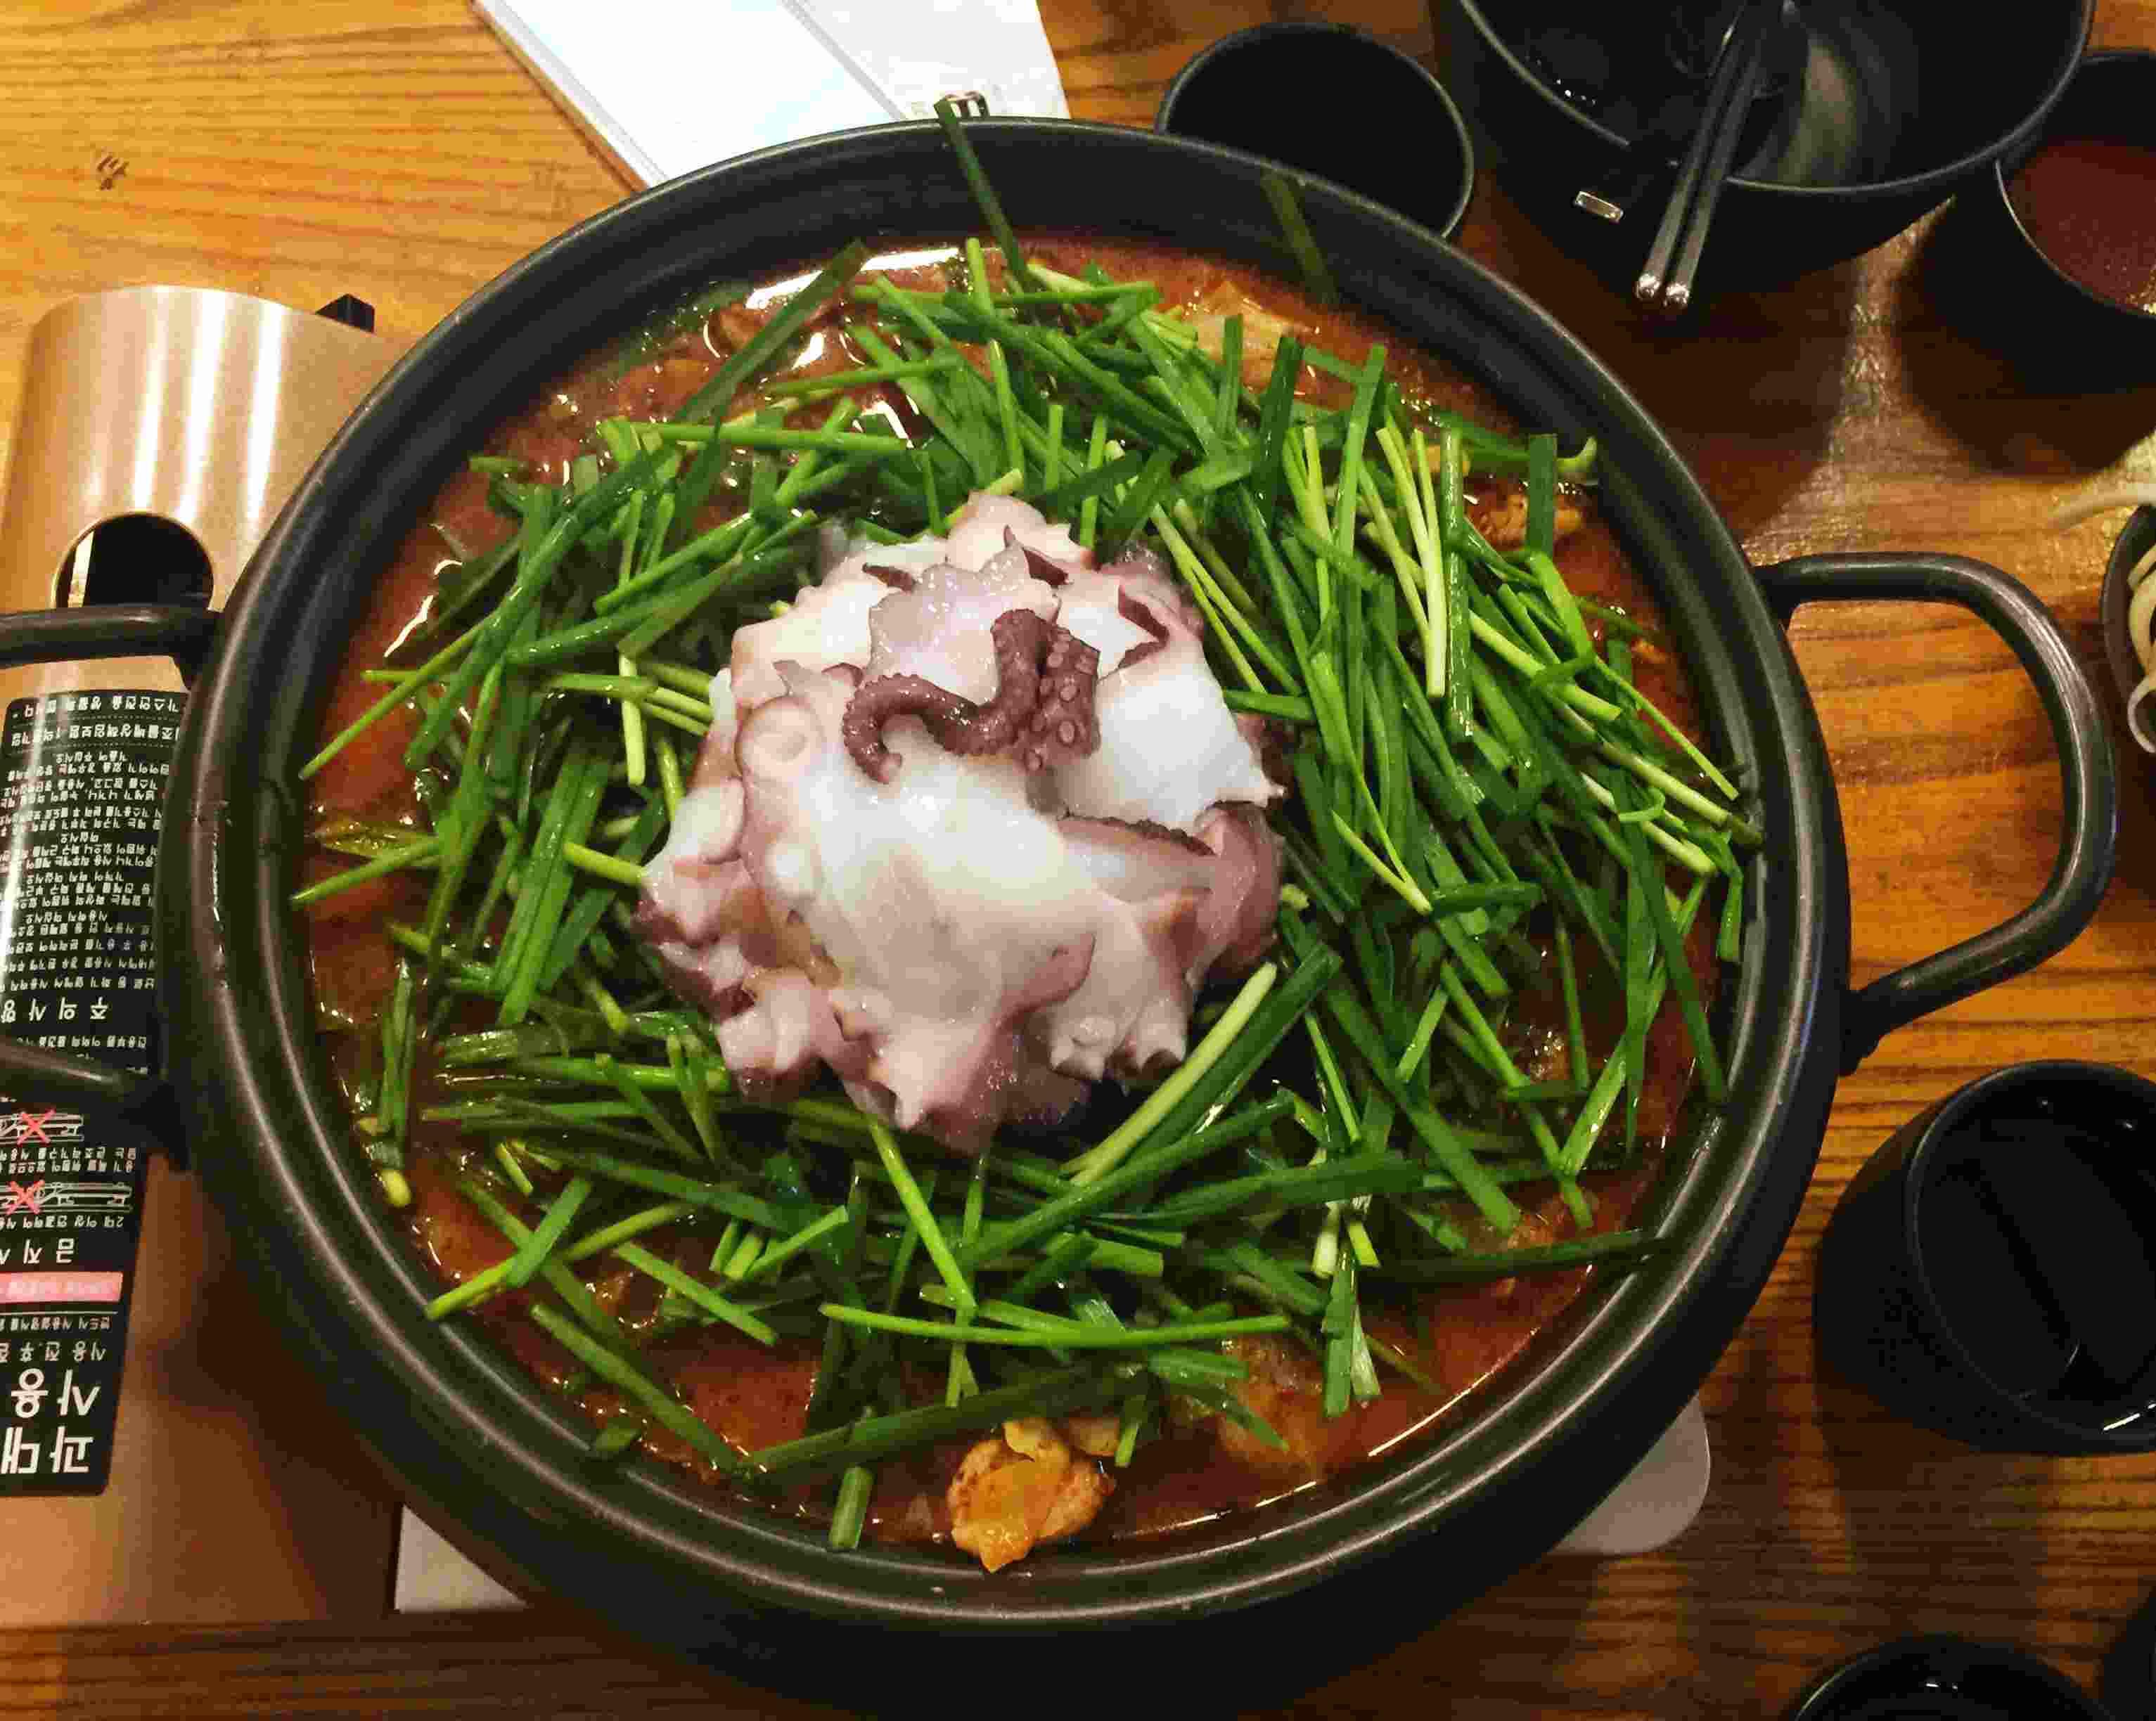 """""""문오리"""" 的招牌餐點是章魚鴨肉鍋,嗯?章魚鴨肉?這是濟州島特色料理,章魚和鴨肉在一起的感覺聽起來是不是有點奇怪?但是真的非.常.好.吃!"""